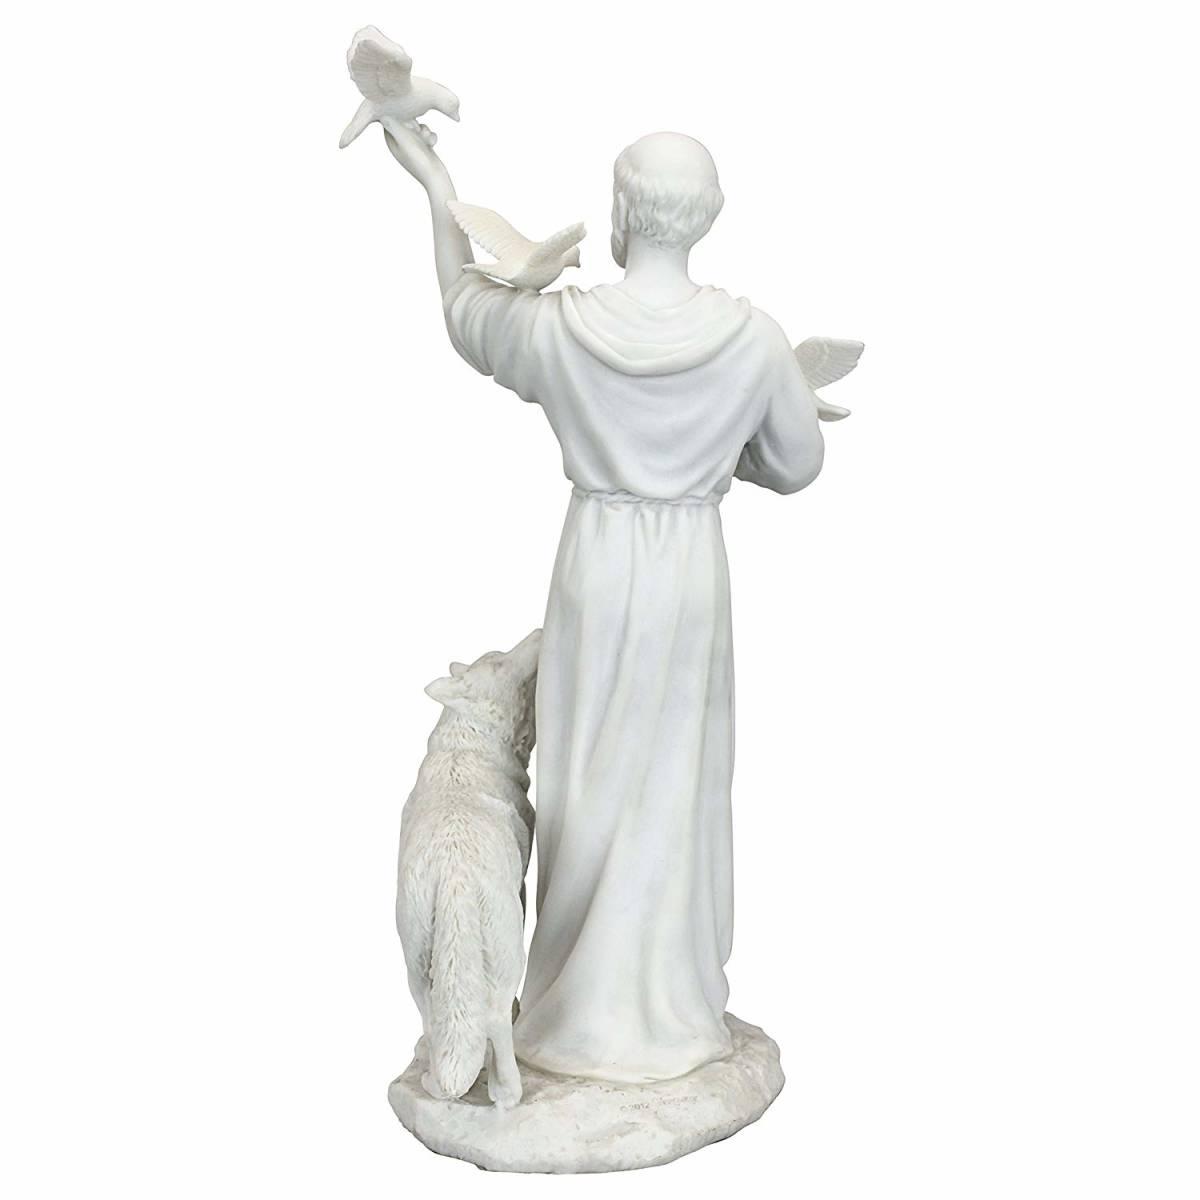 デザイン・トスカノ製 聖フランシスコと森の友達 大理石風 彫像 彫刻/ St. Francis and Friends of the Forest (輸入品)_画像4